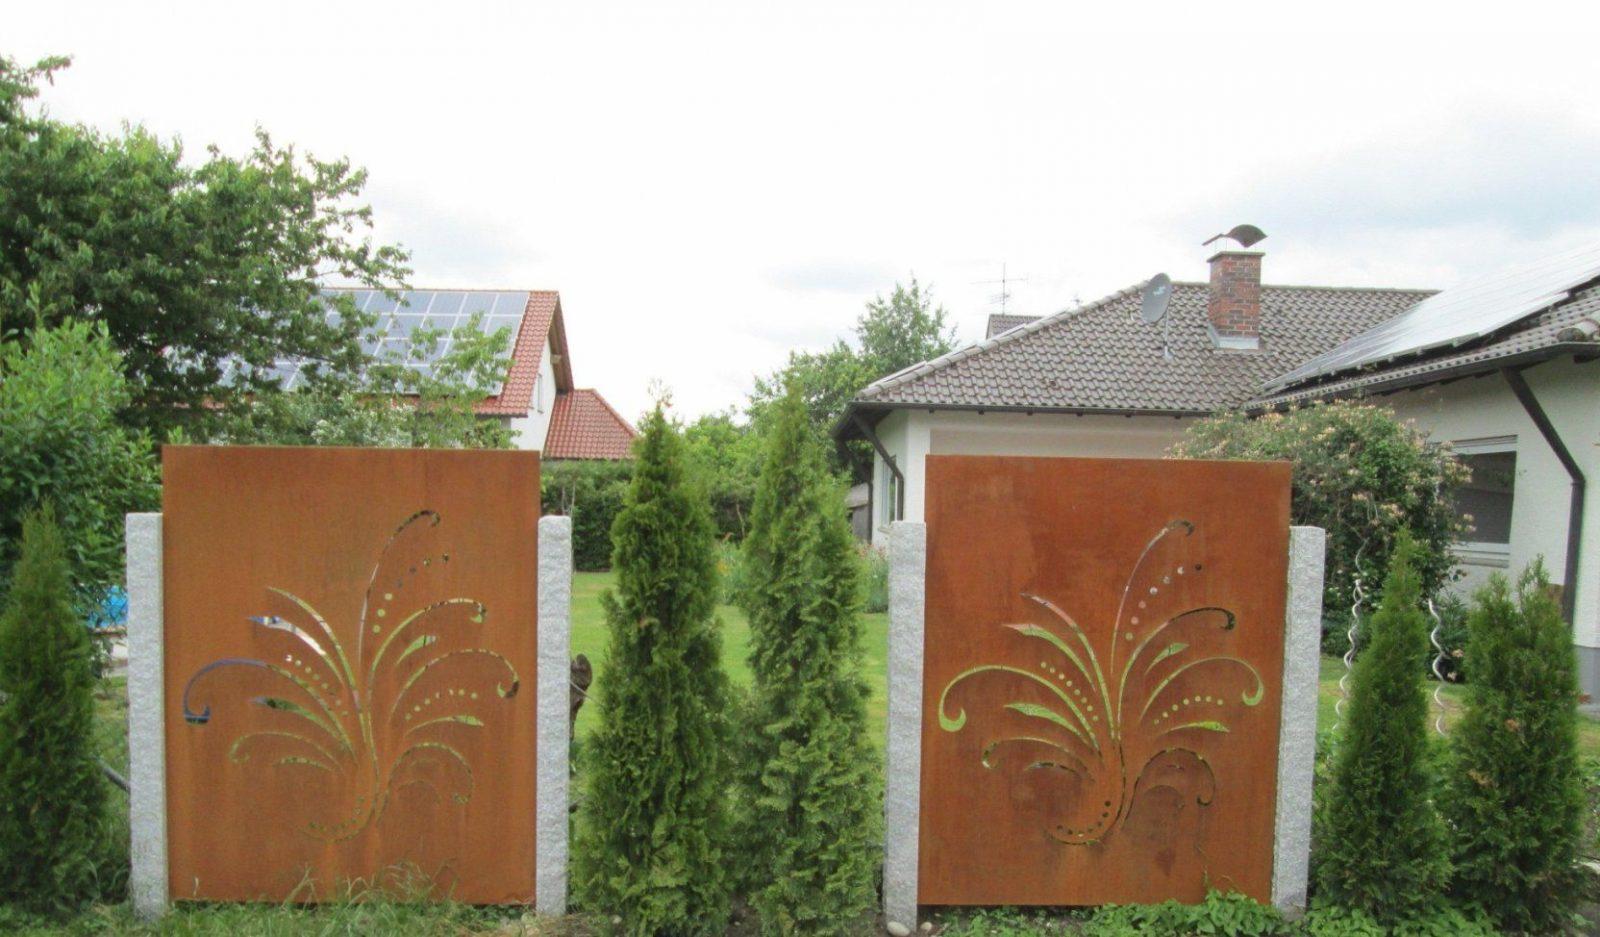 Garten Sichtschutz Metall Sichtschutz Glas Garten Inspirierend